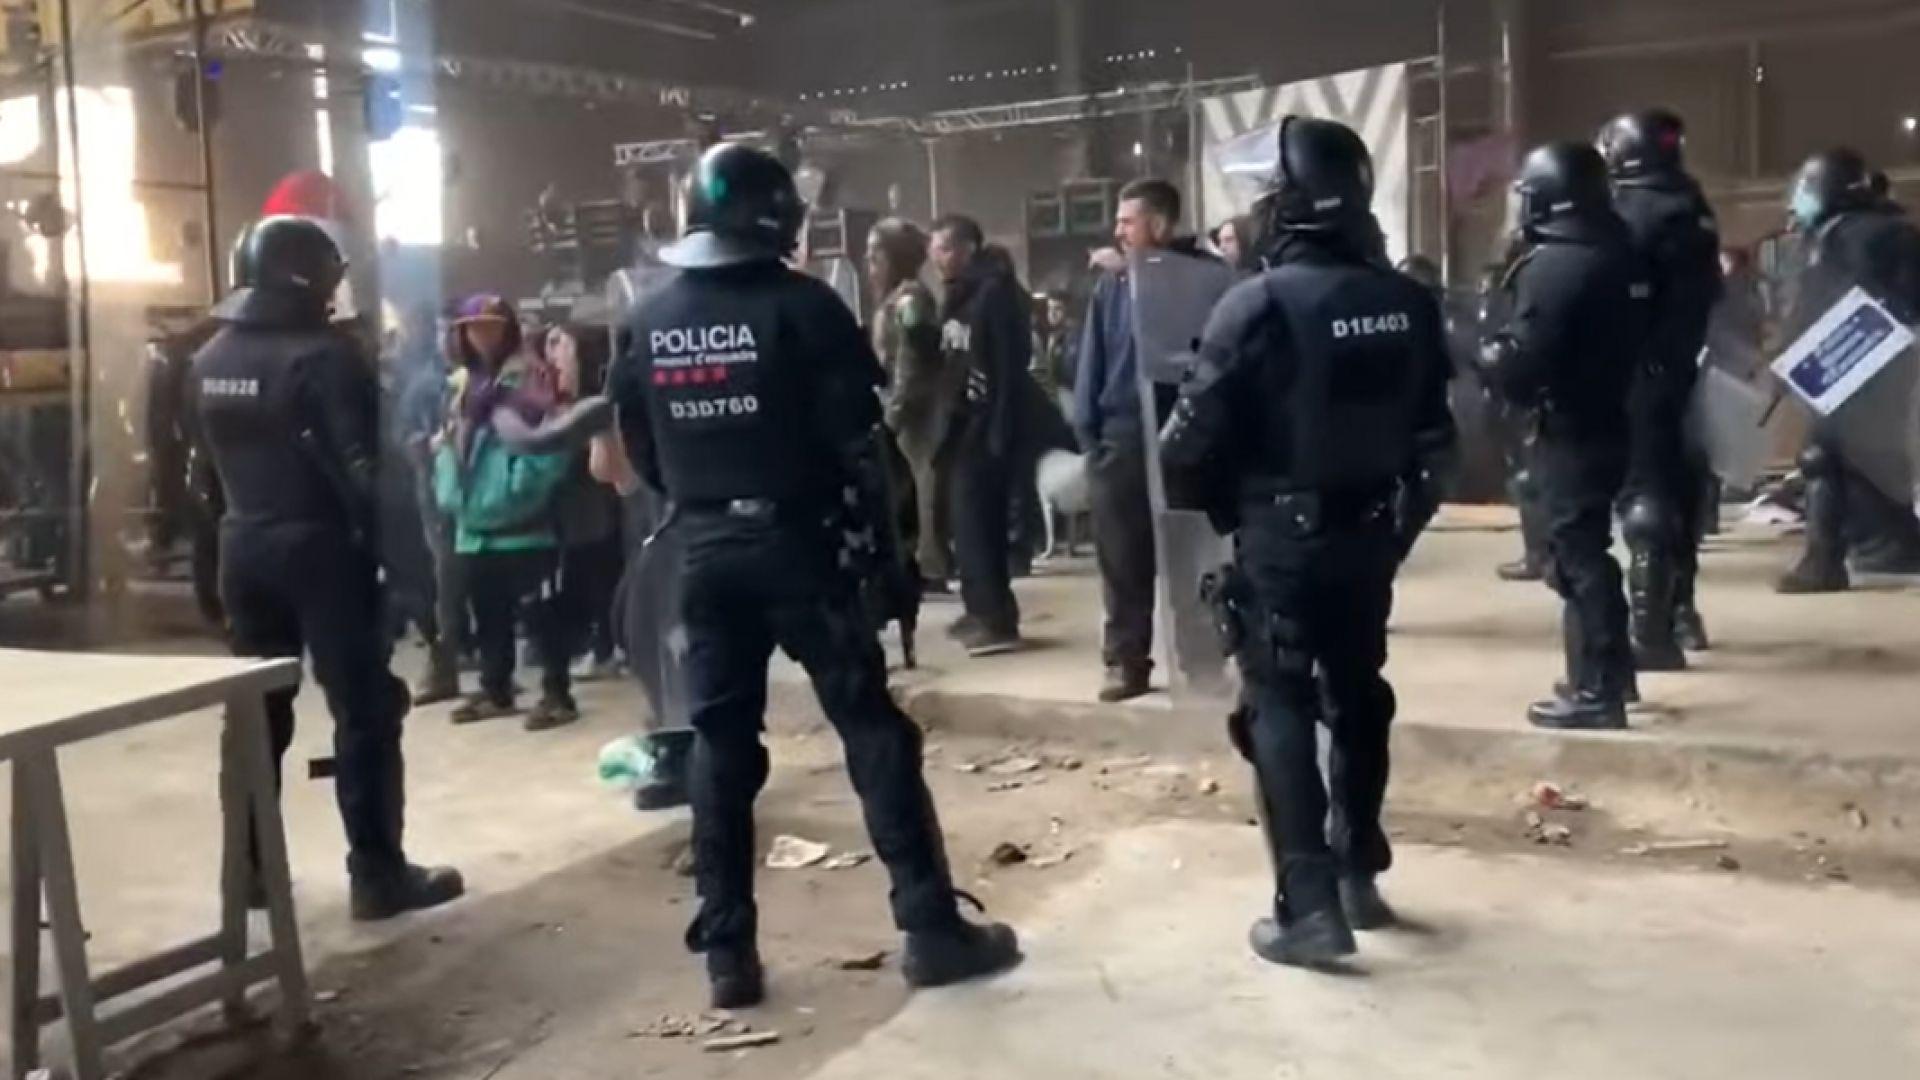 Каталунската полиция сложи край на неразрешено рейв парти близо до Барселона (видео)